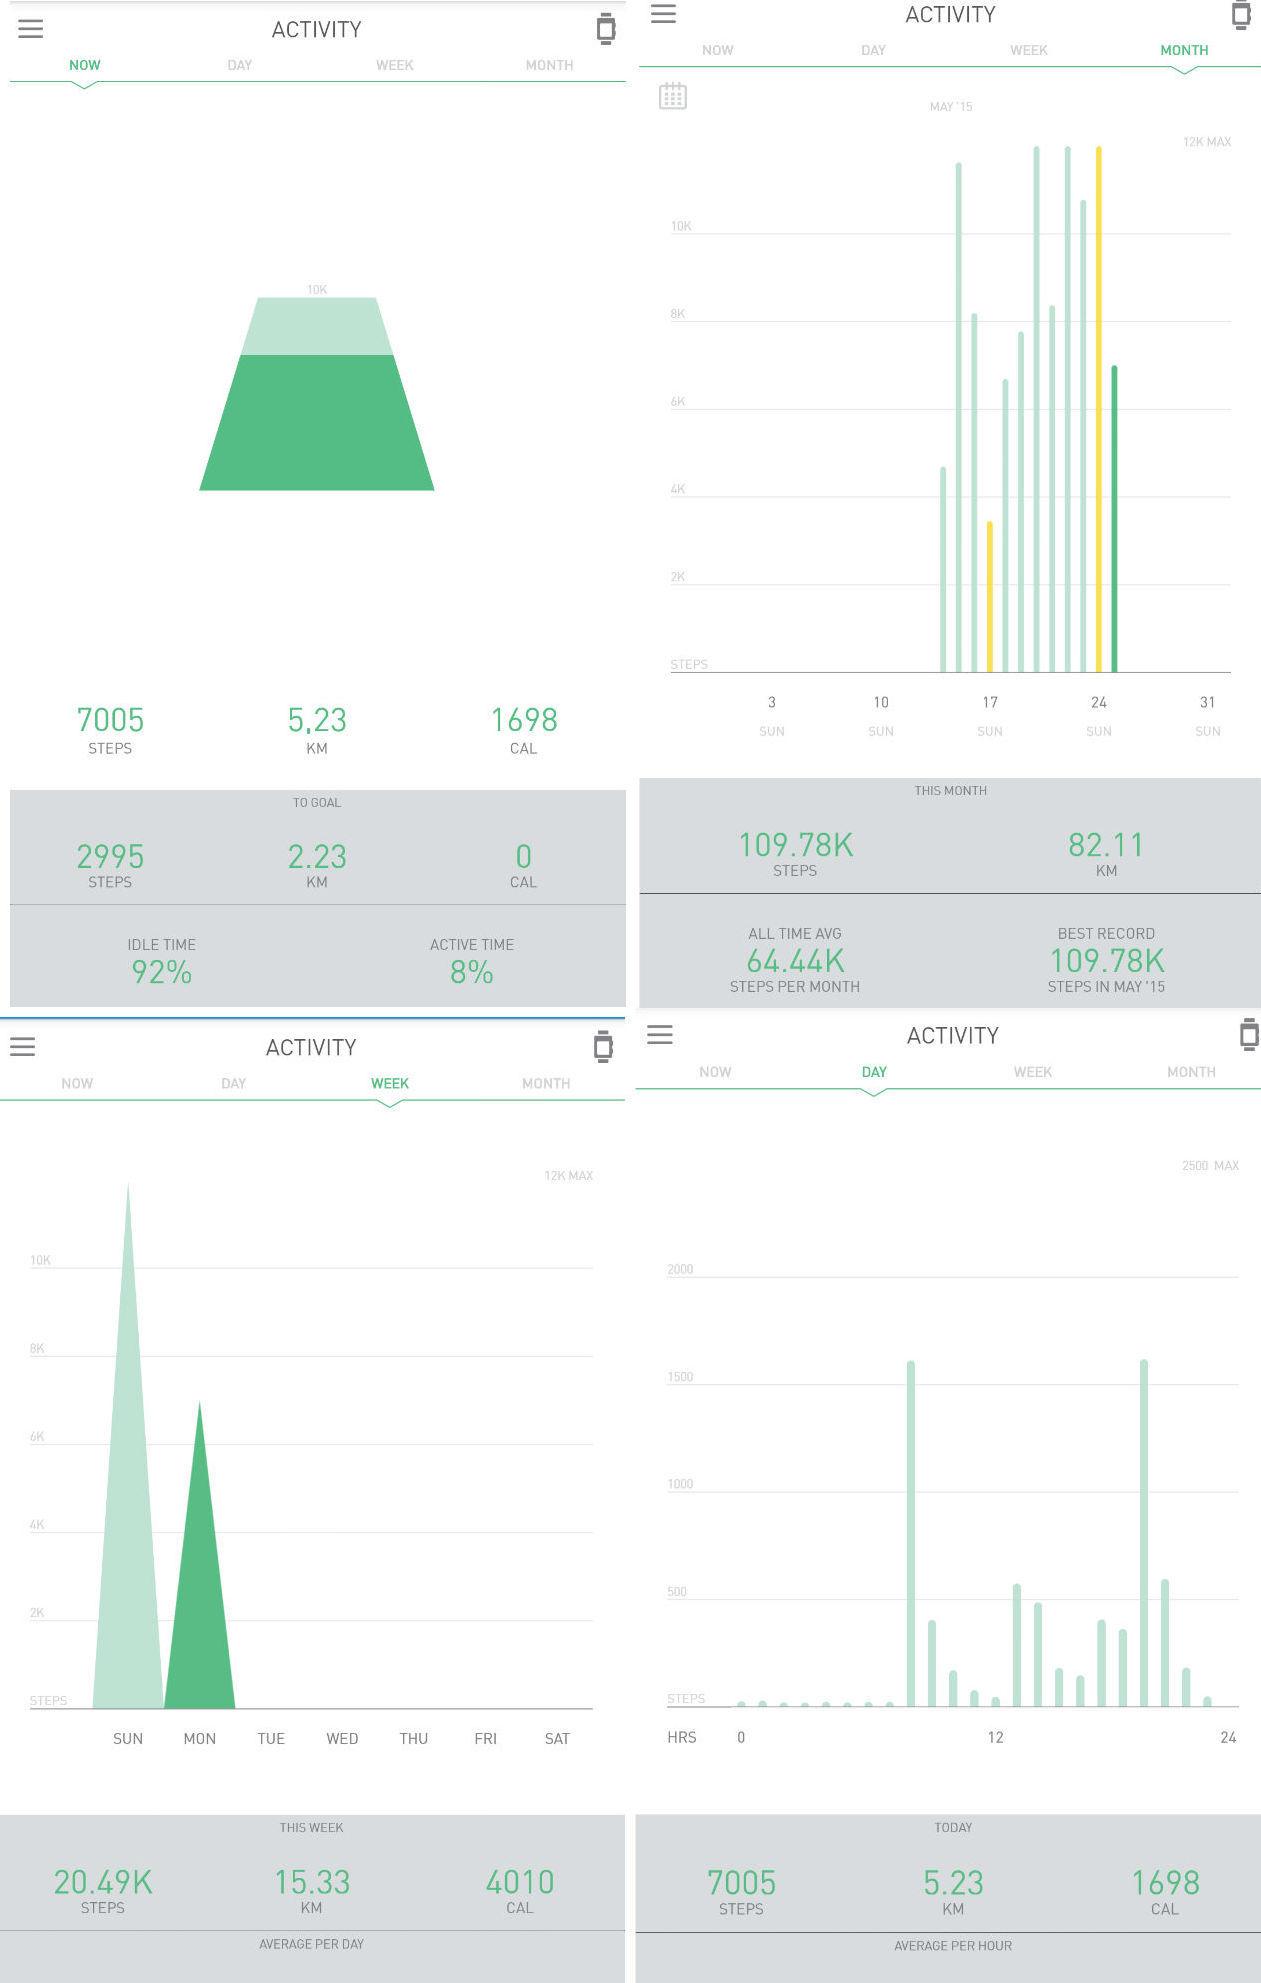 Череда обновлений. Что нового у Lumo lift, Wellograph, Xiaomi и Google fit: прошивки, обновления, версии - 4